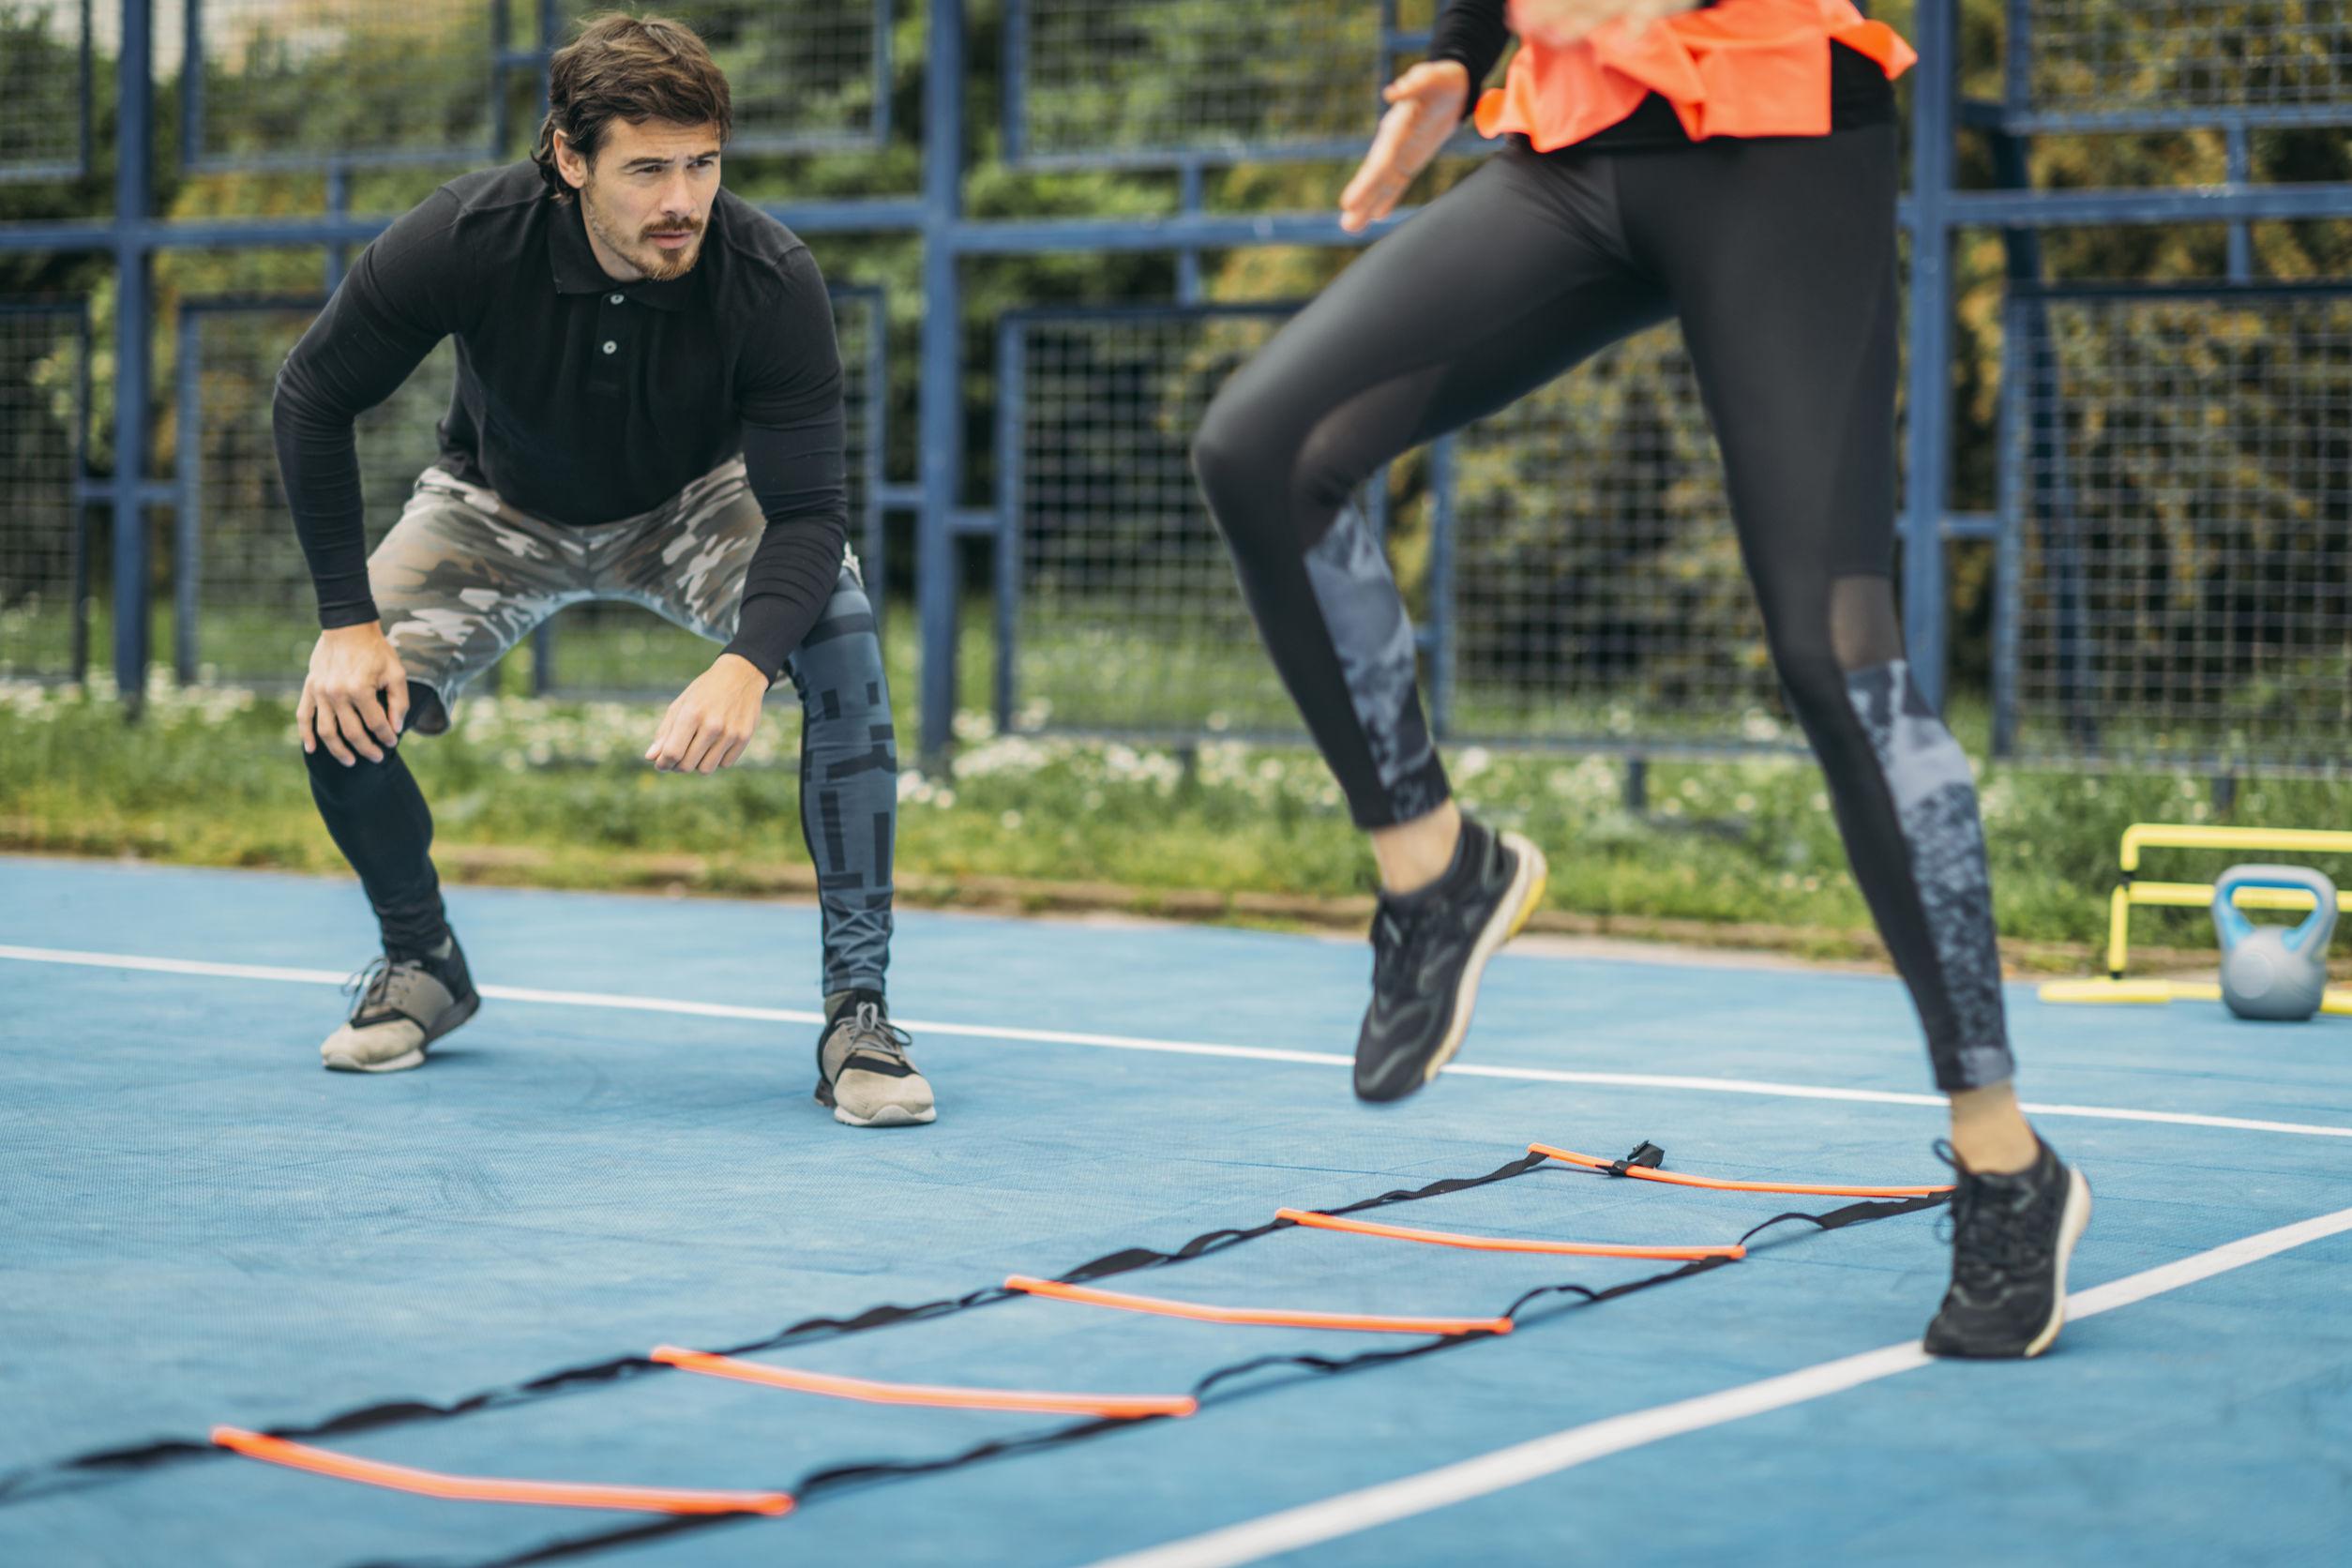 Imagem de uma mulher treinando em uma escada de agilidade com o auxílio de um treinador.